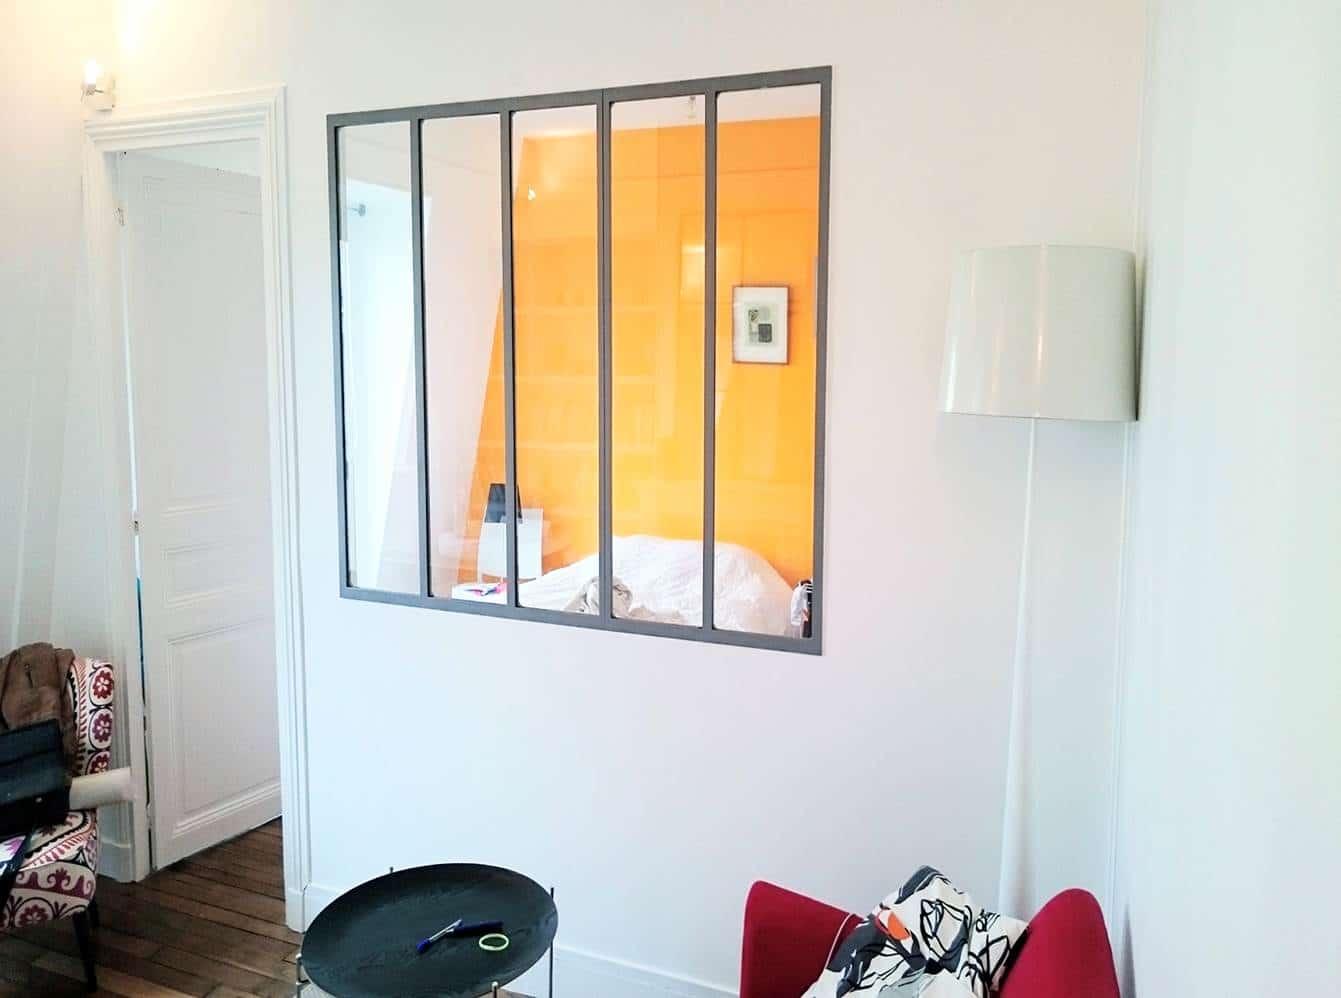 travaux de peinture parlons travaux marseille. Black Bedroom Furniture Sets. Home Design Ideas